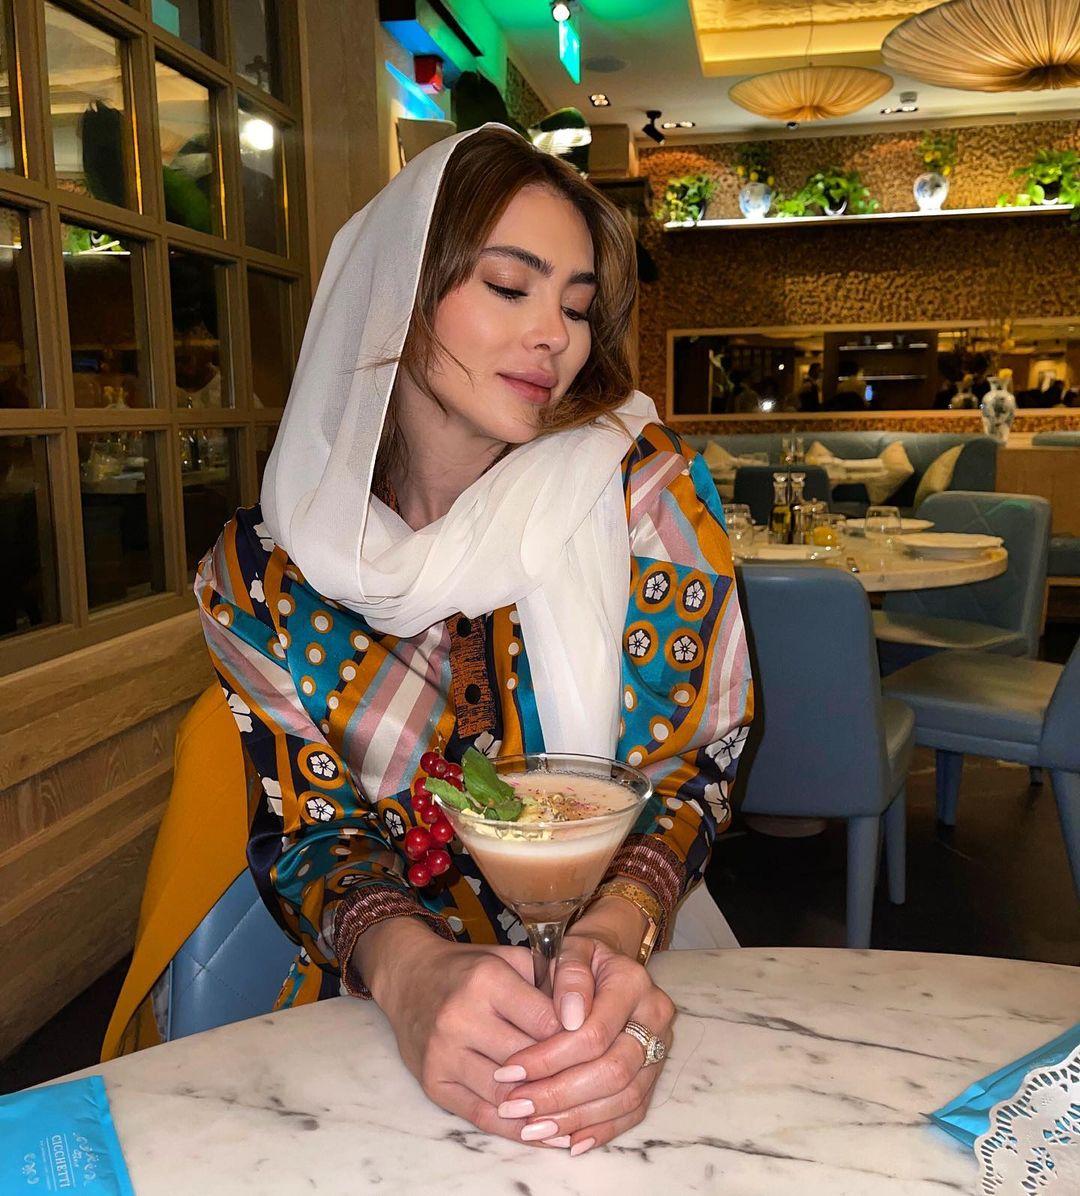 ستيفاني صليبا ترتدي الحجاب بإطلالتها الأخيرة من السعودية (صور) - تركيا نيوز  بالعربي